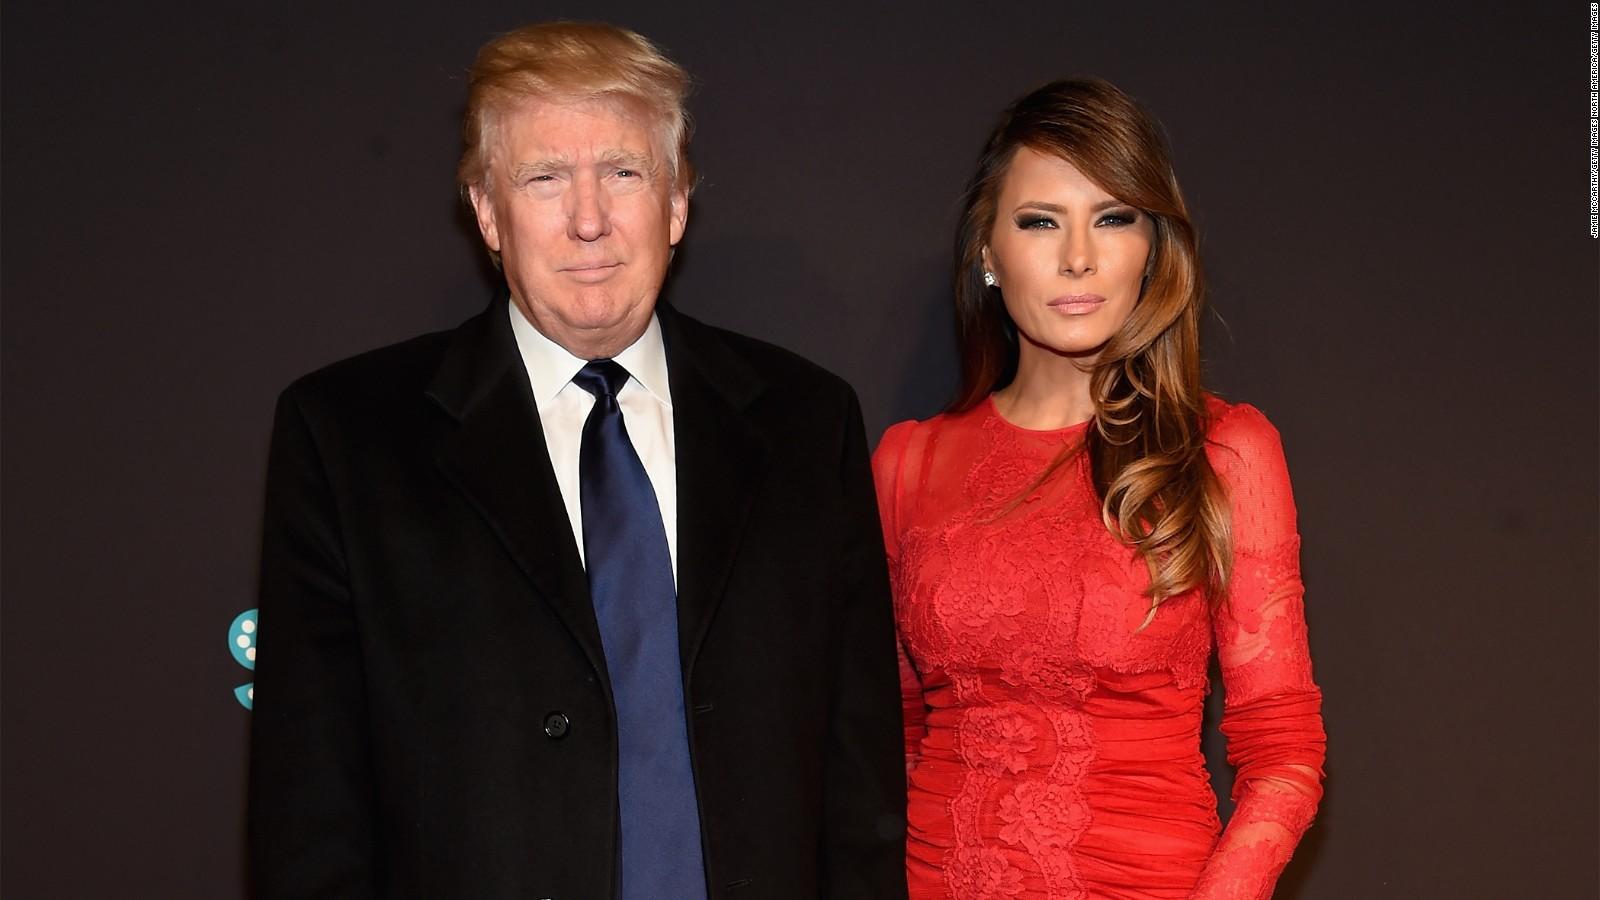 Чуть ли не пинком: жену Трампа хотят выгнать из Нью-Йорка. Она сильно разозлила жителей